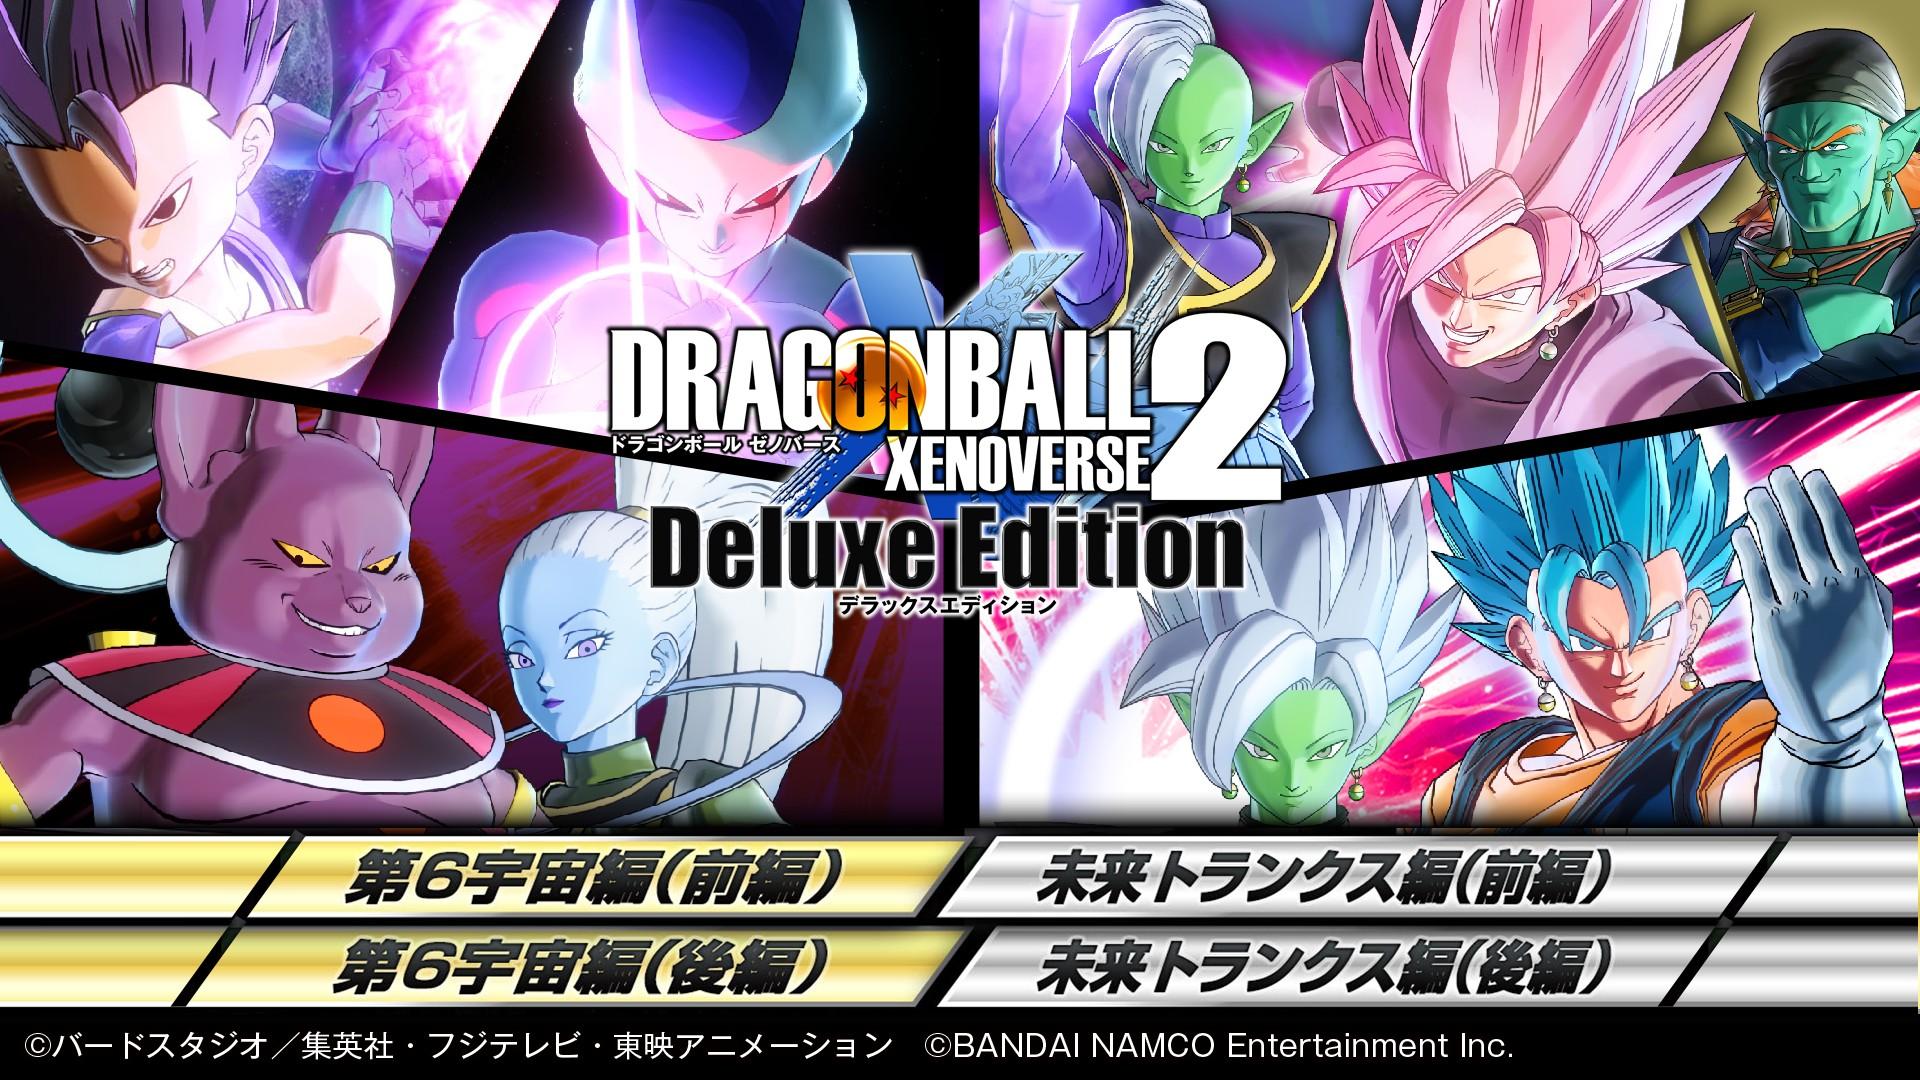 ドラゴンボール ゼノバース2 デラックスエディション_body_2